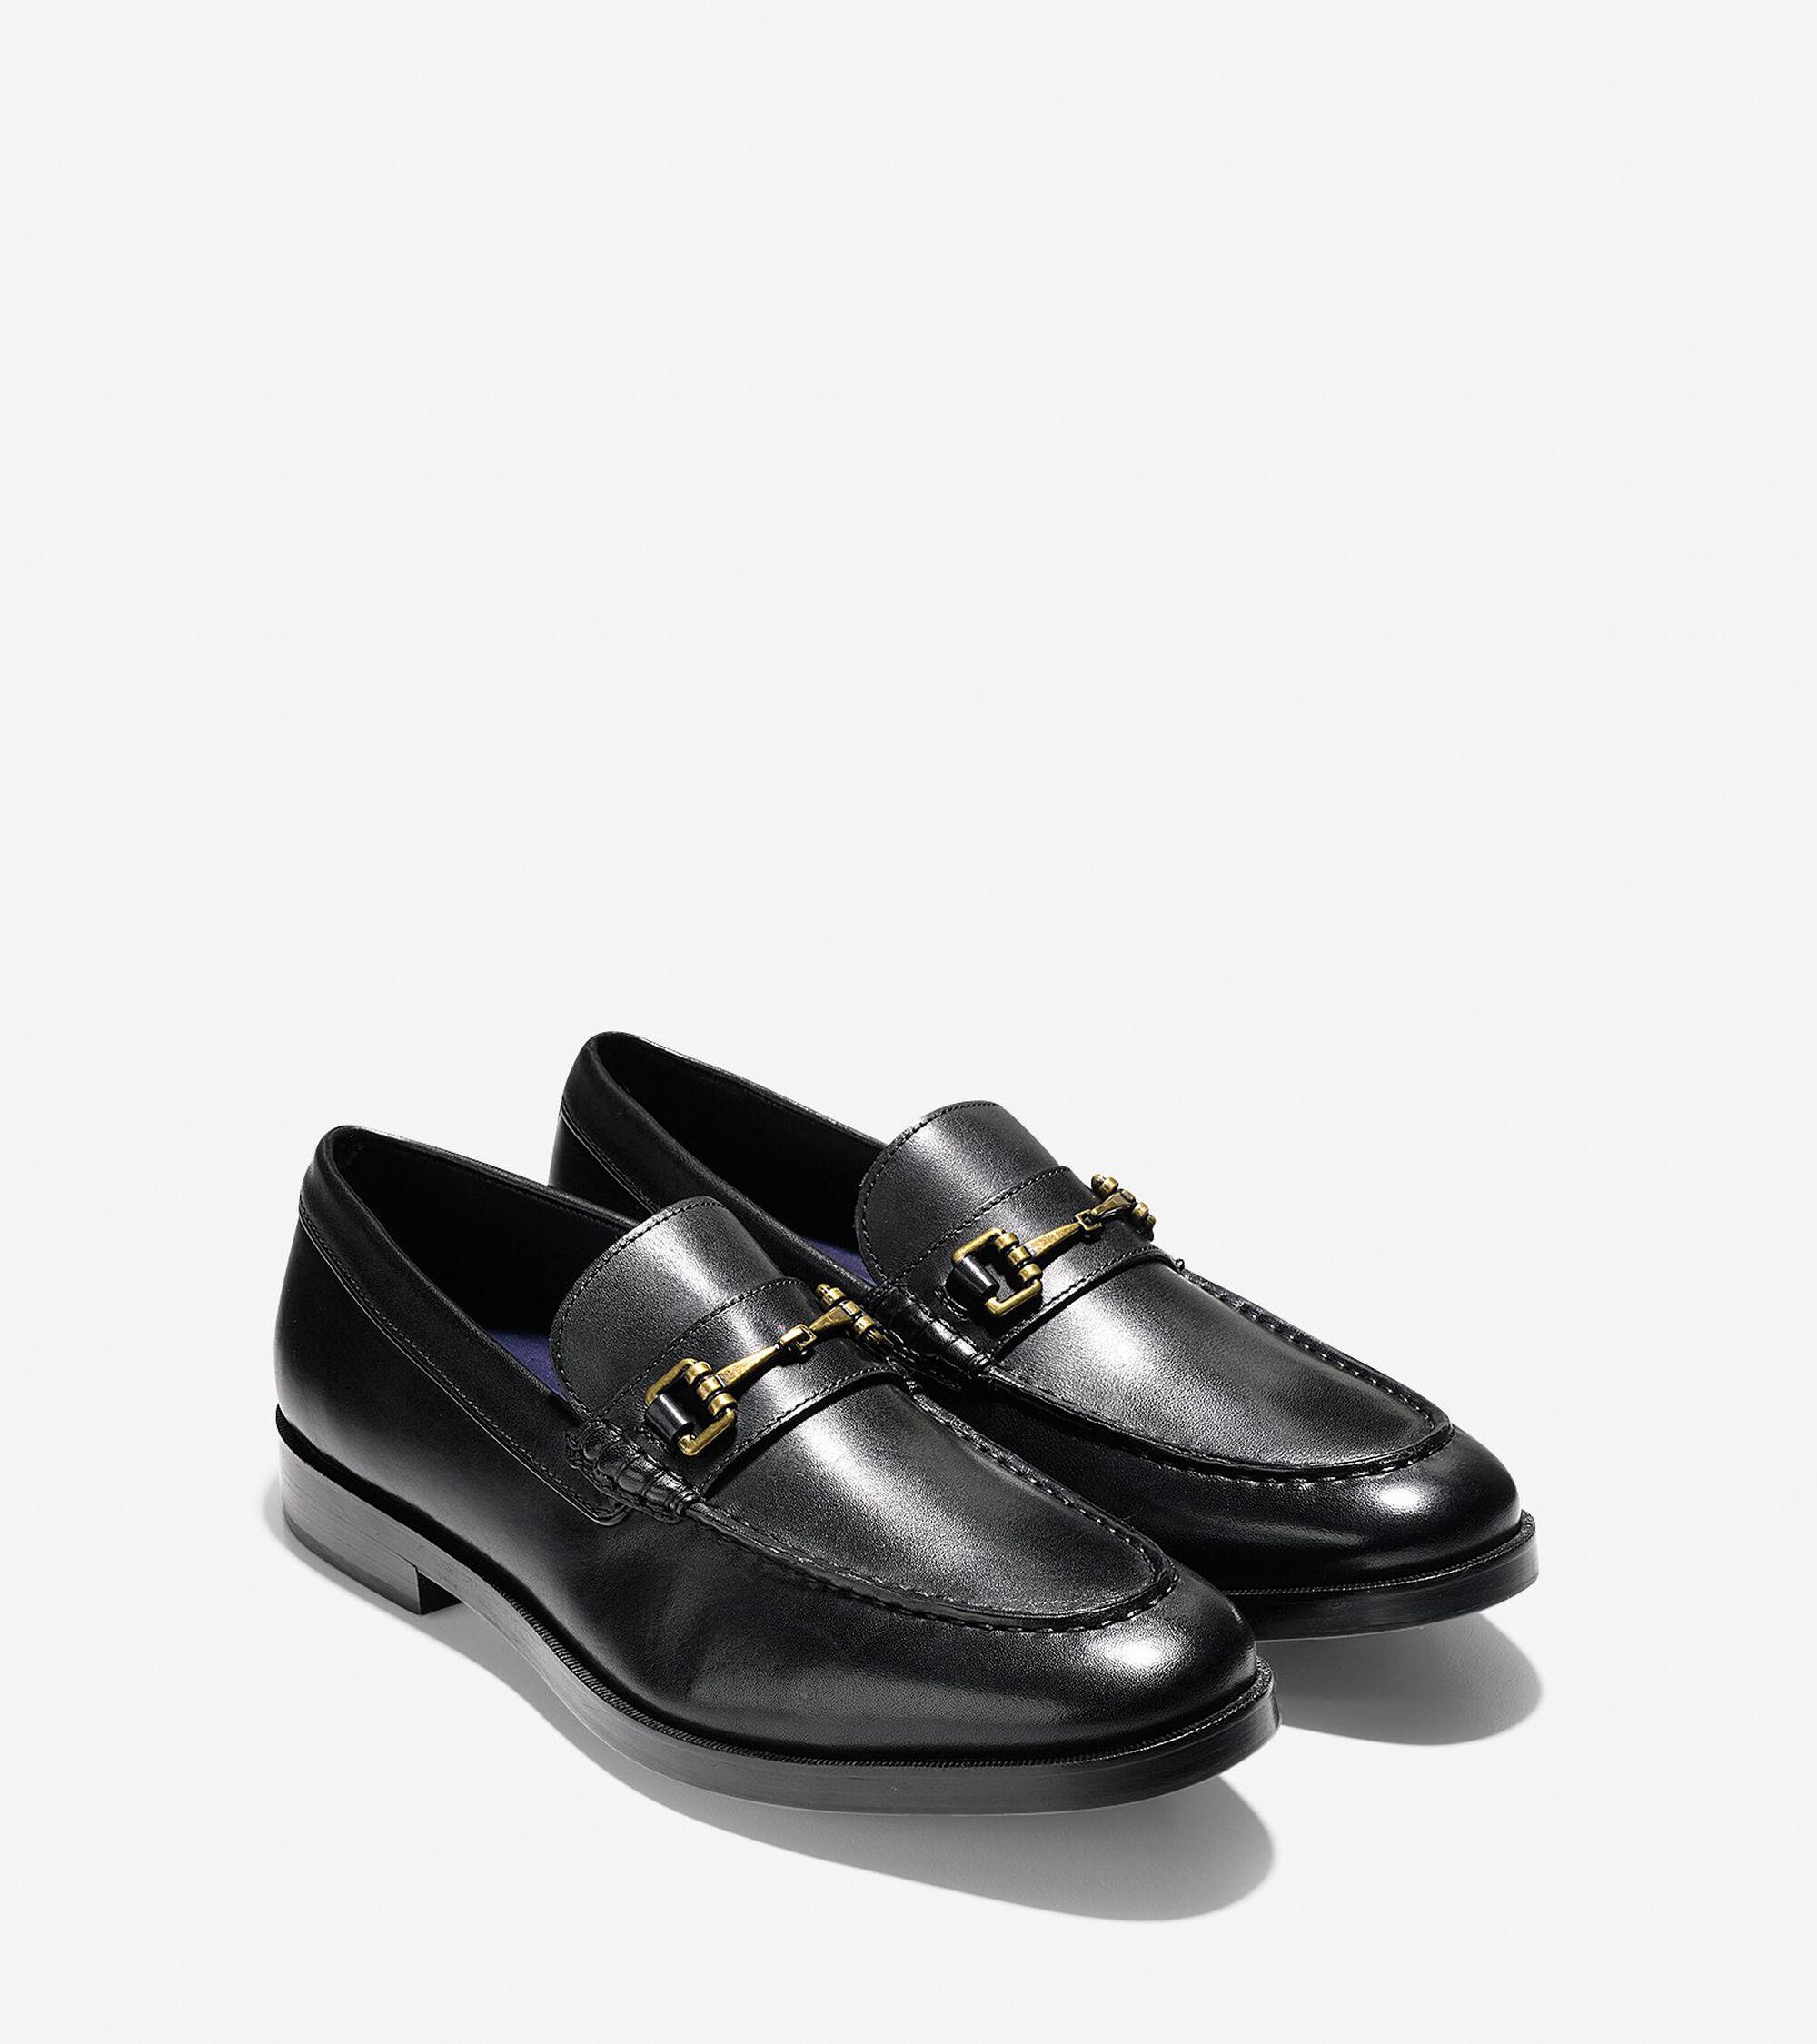 95e878844a3 Men s Hamilton Grand Bit Loafers in Black Leather